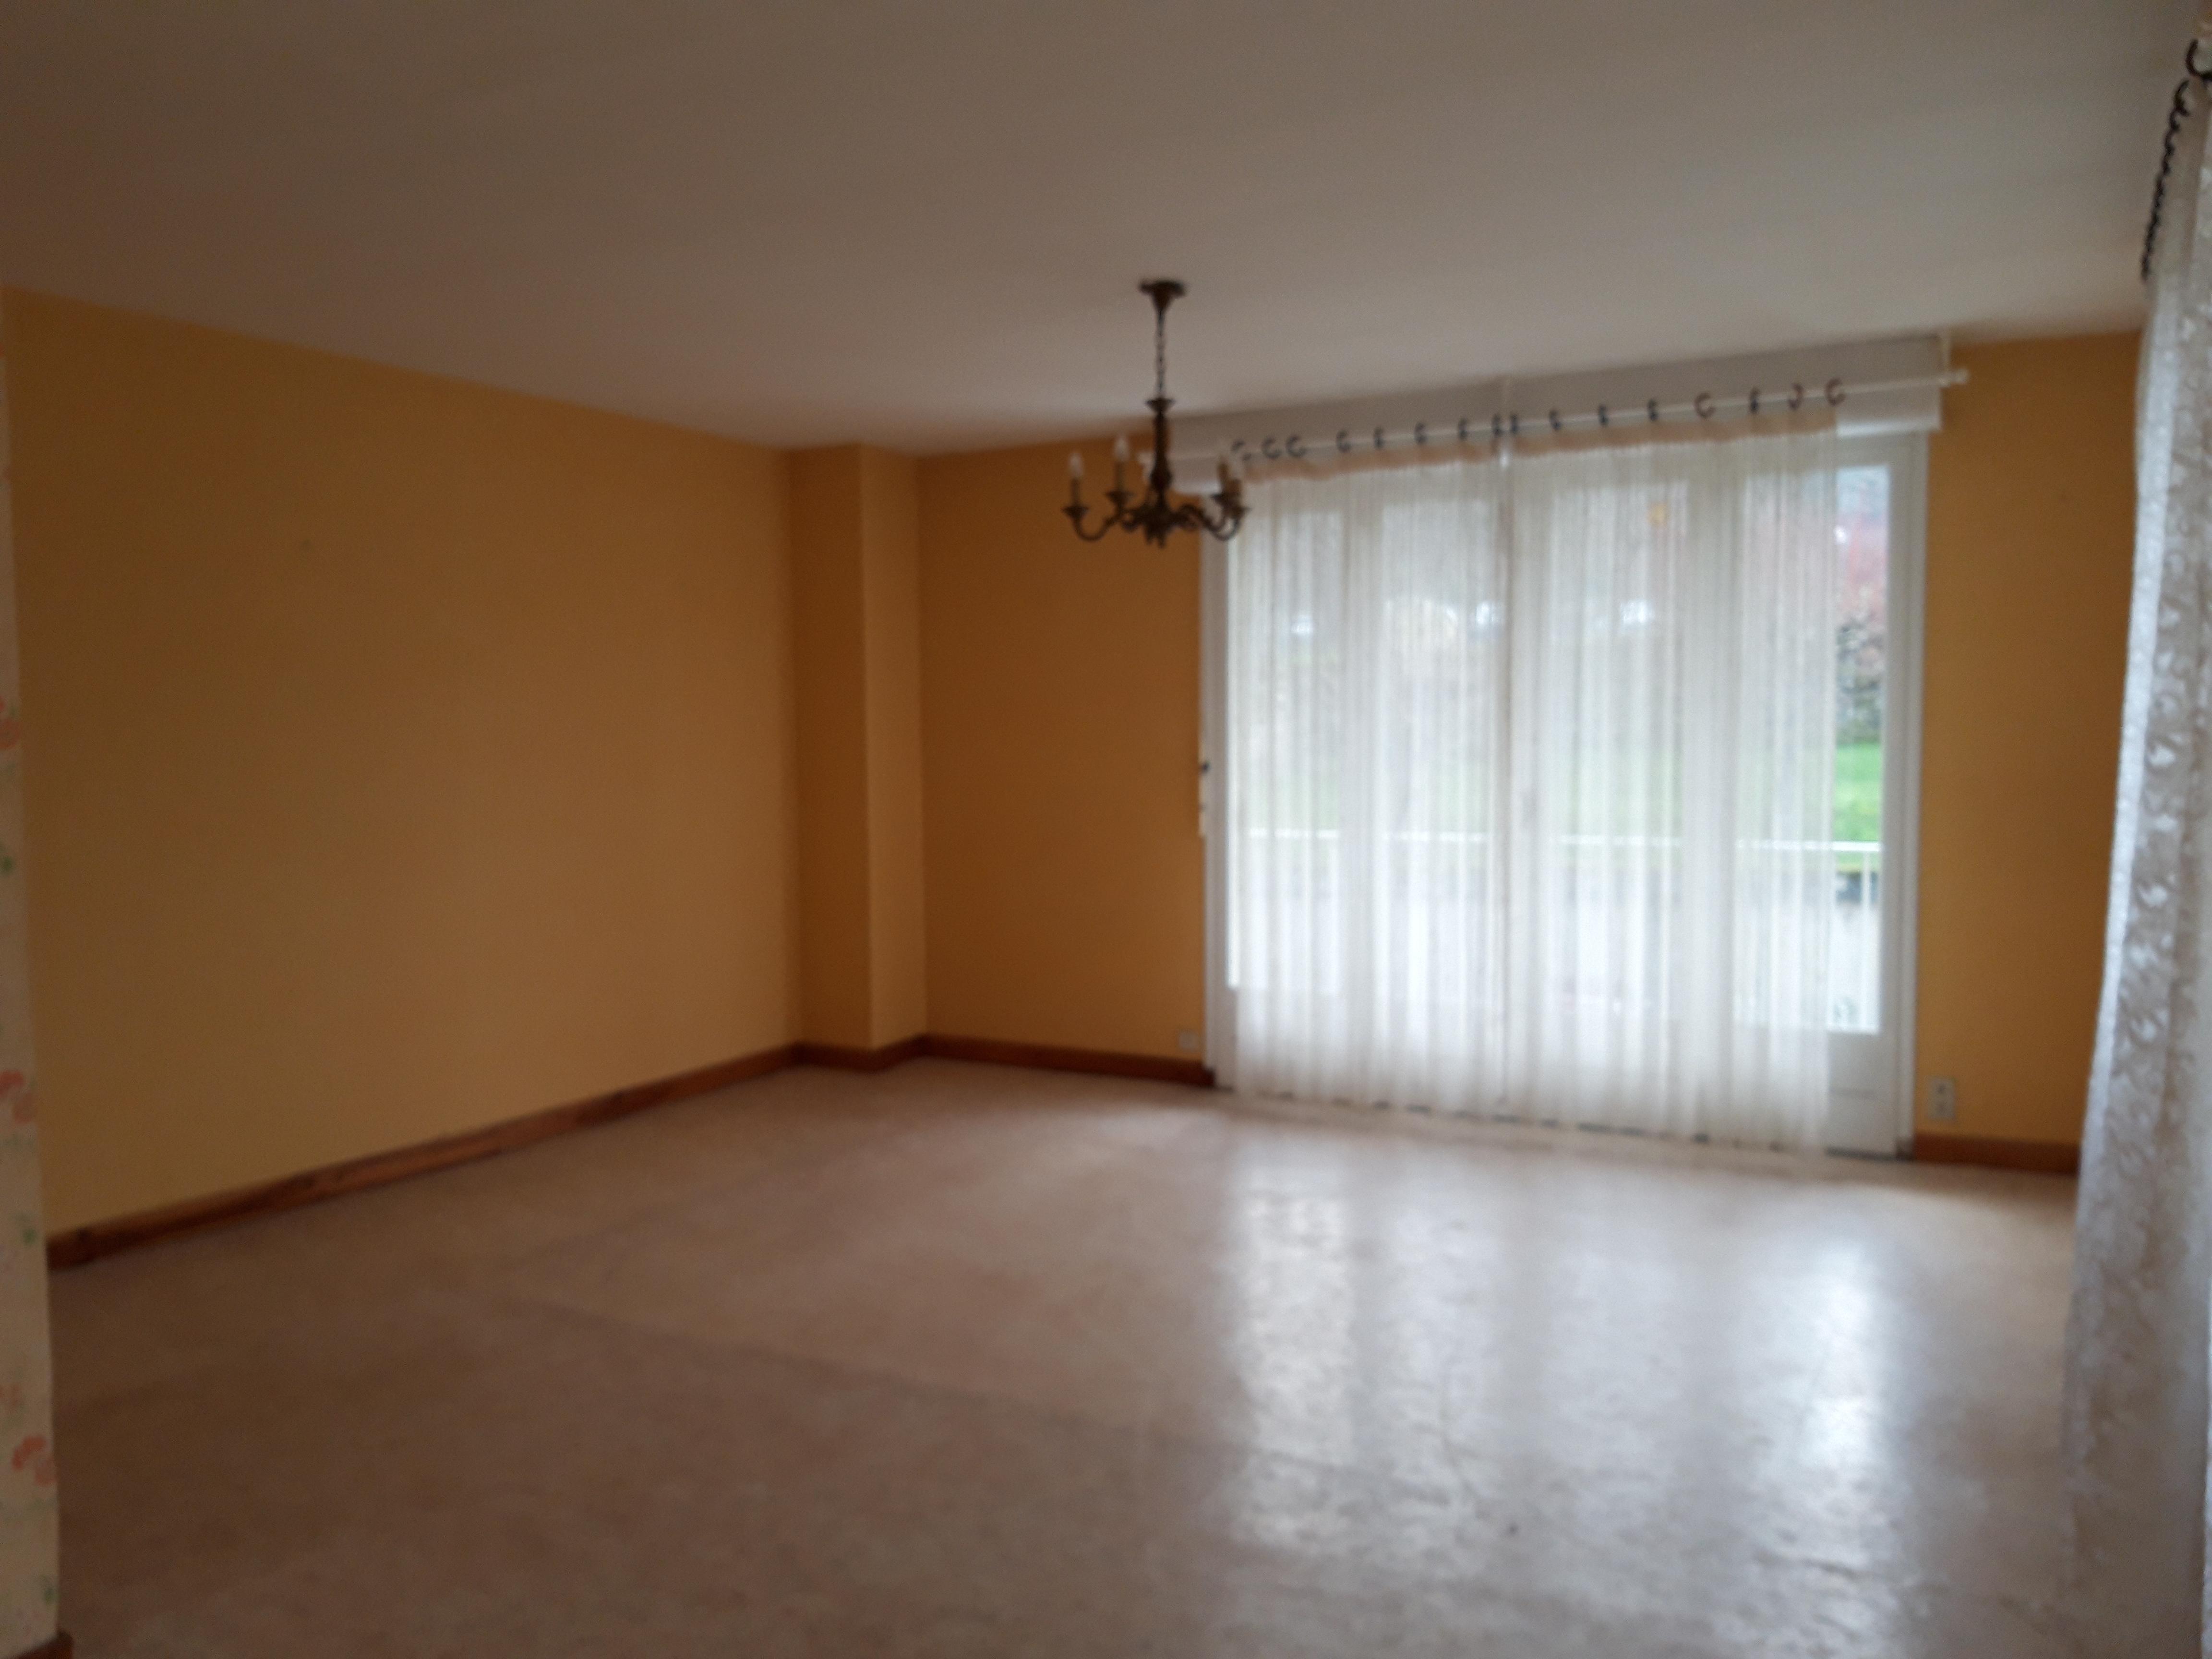 Appartement T3 en Résidence à vendre à FIGEAC